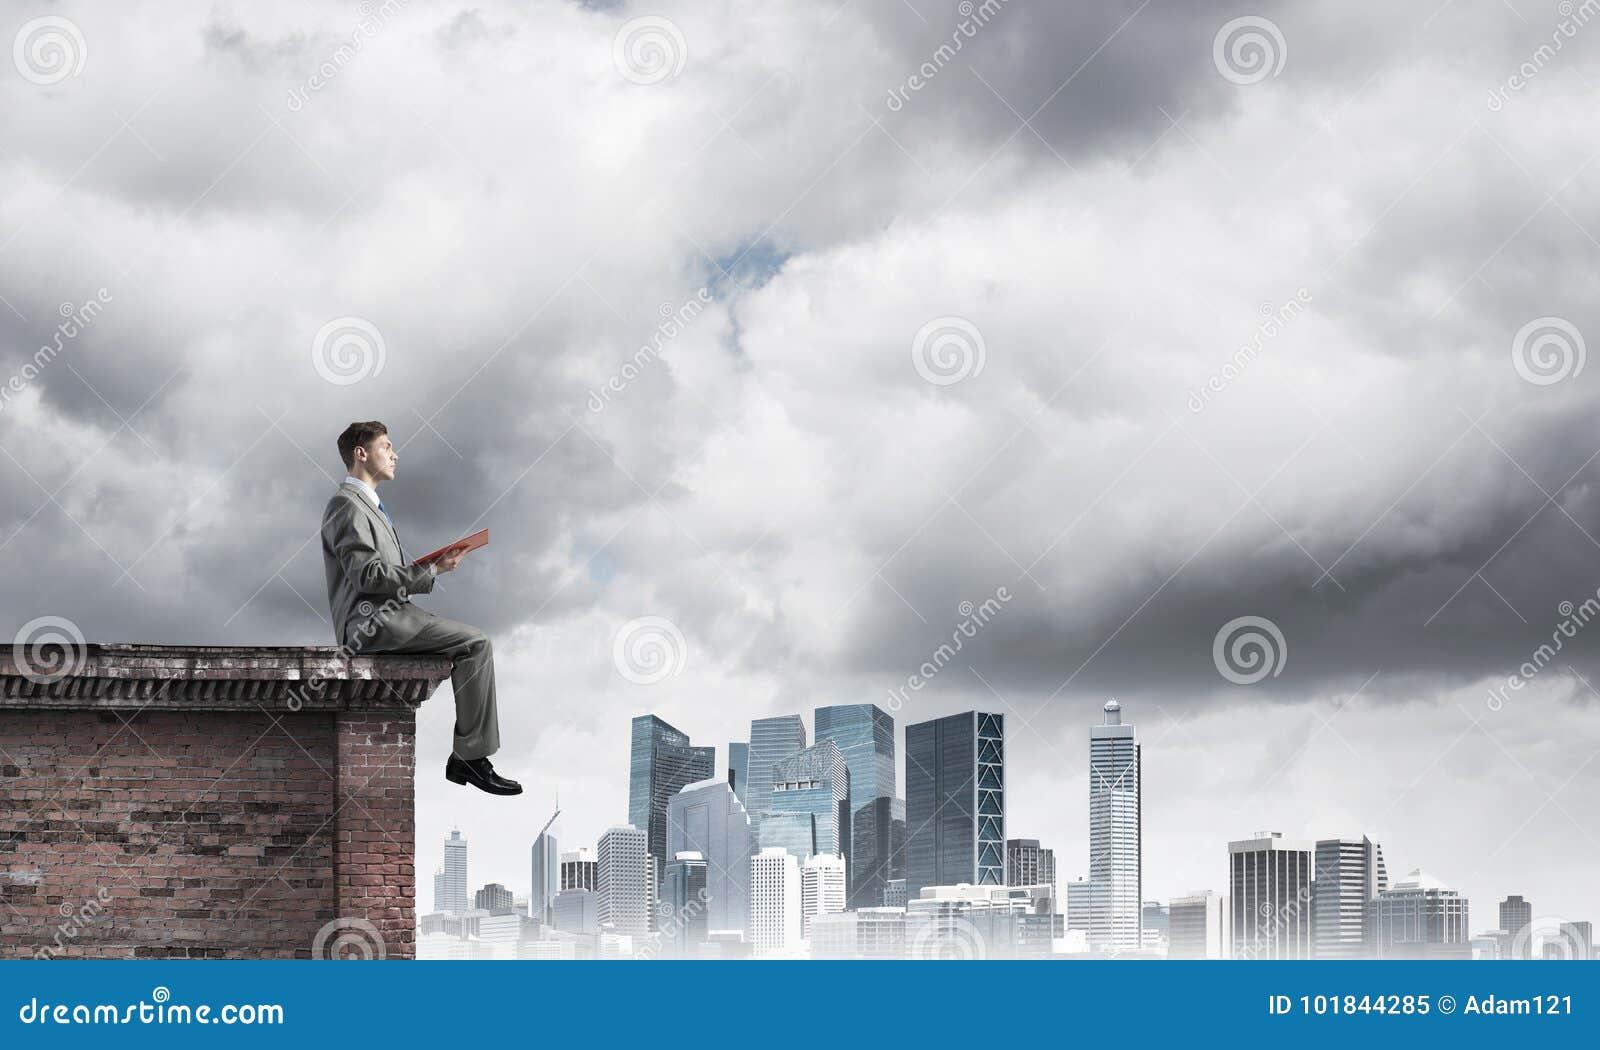 homme sur le livre de lecture de bord de toit et paysage urbain au fond image stock image du. Black Bedroom Furniture Sets. Home Design Ideas